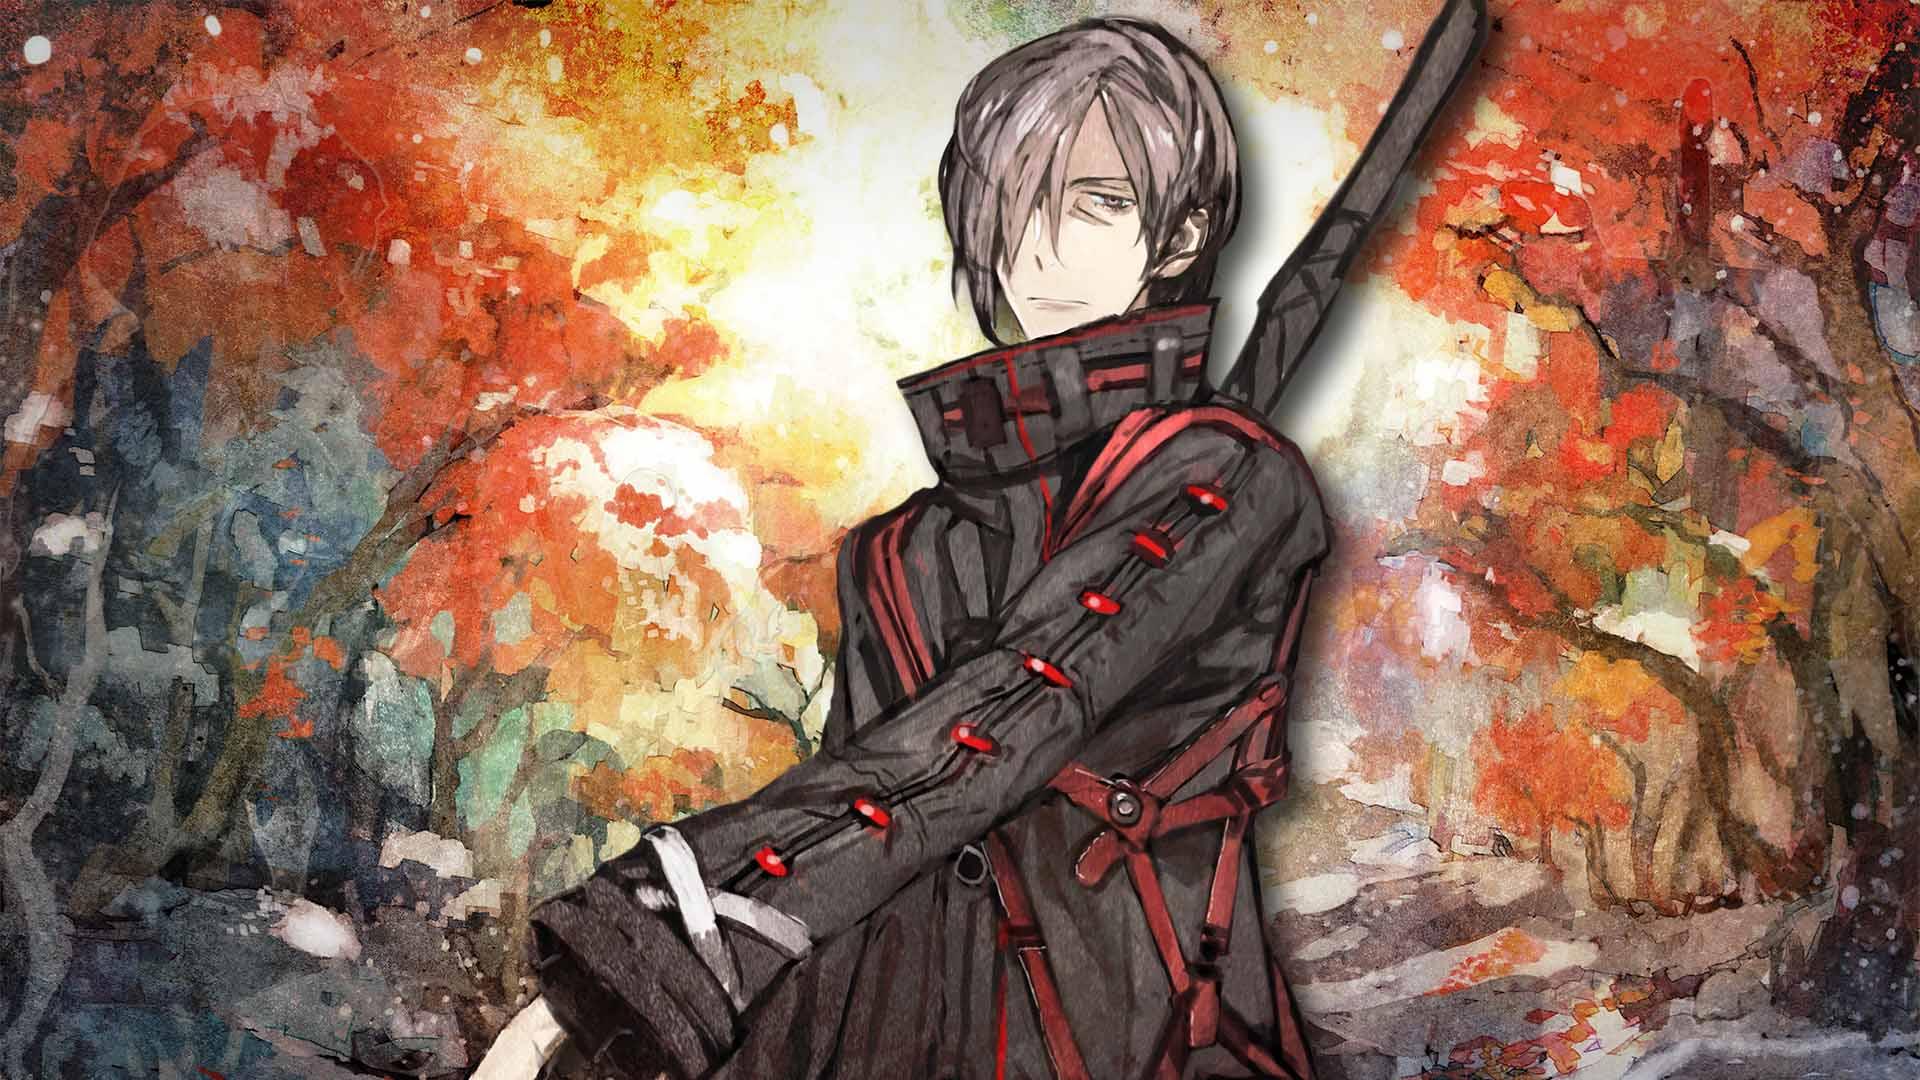 I Am Setsuna Wallpaper 010 The Reaper